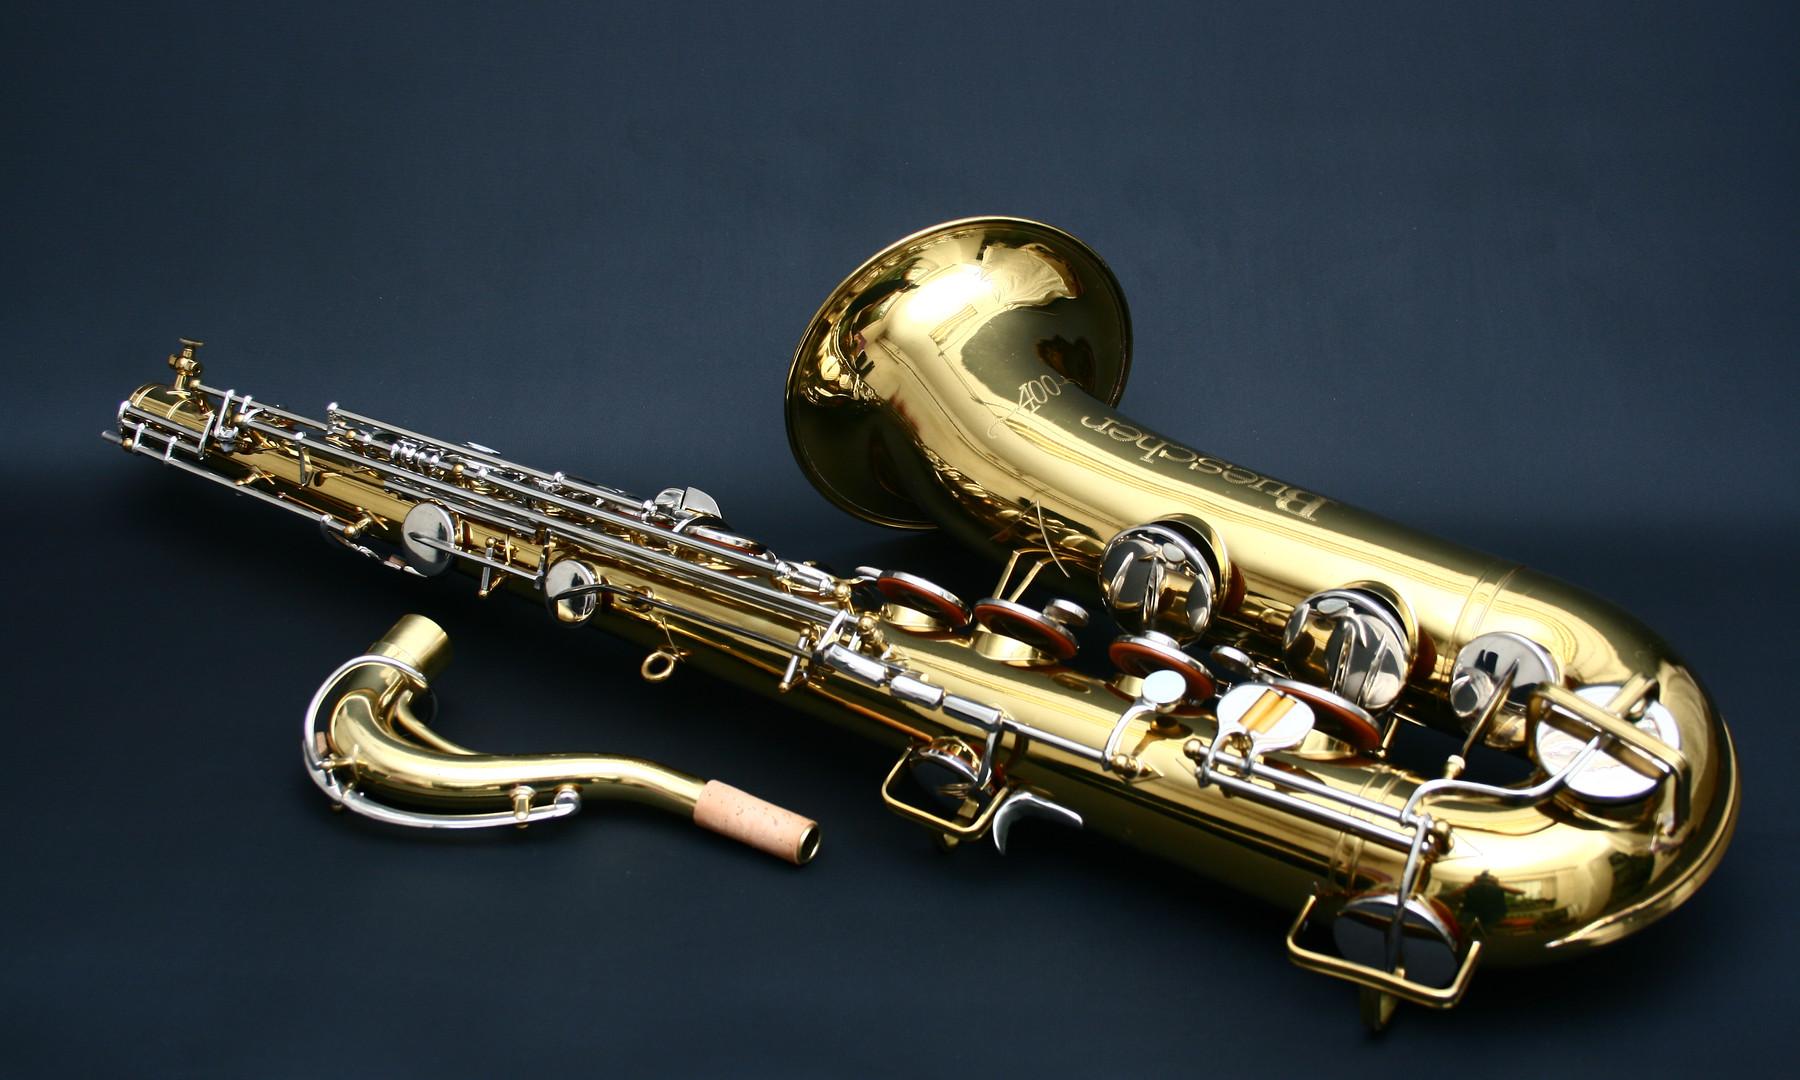 Tenorsaxophon Buescher 400 - Saxophon Manufaktur Marx